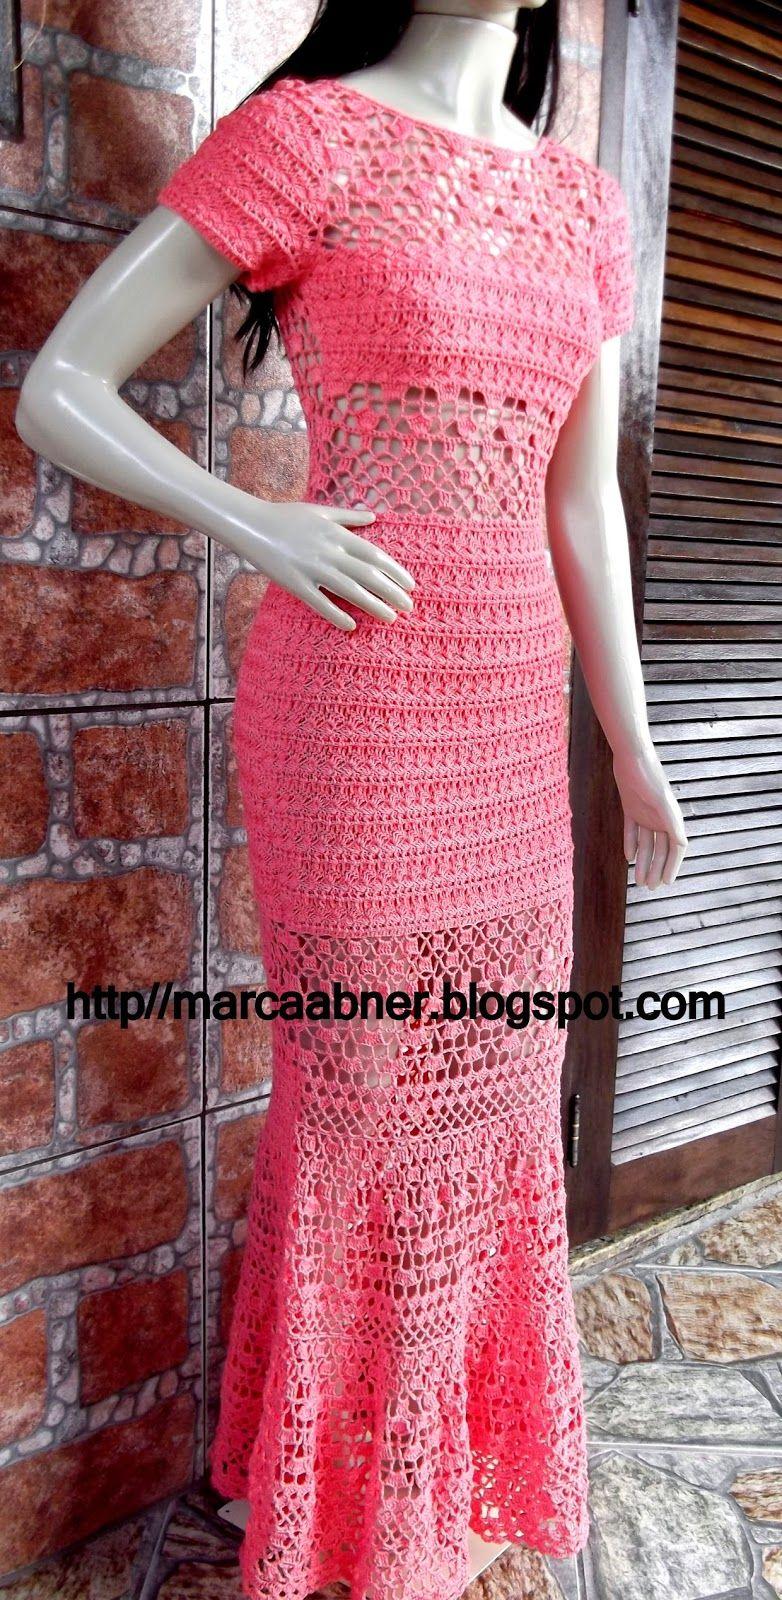 Marcinha crochê: vestidos de crochê | Crochet Wearables ...